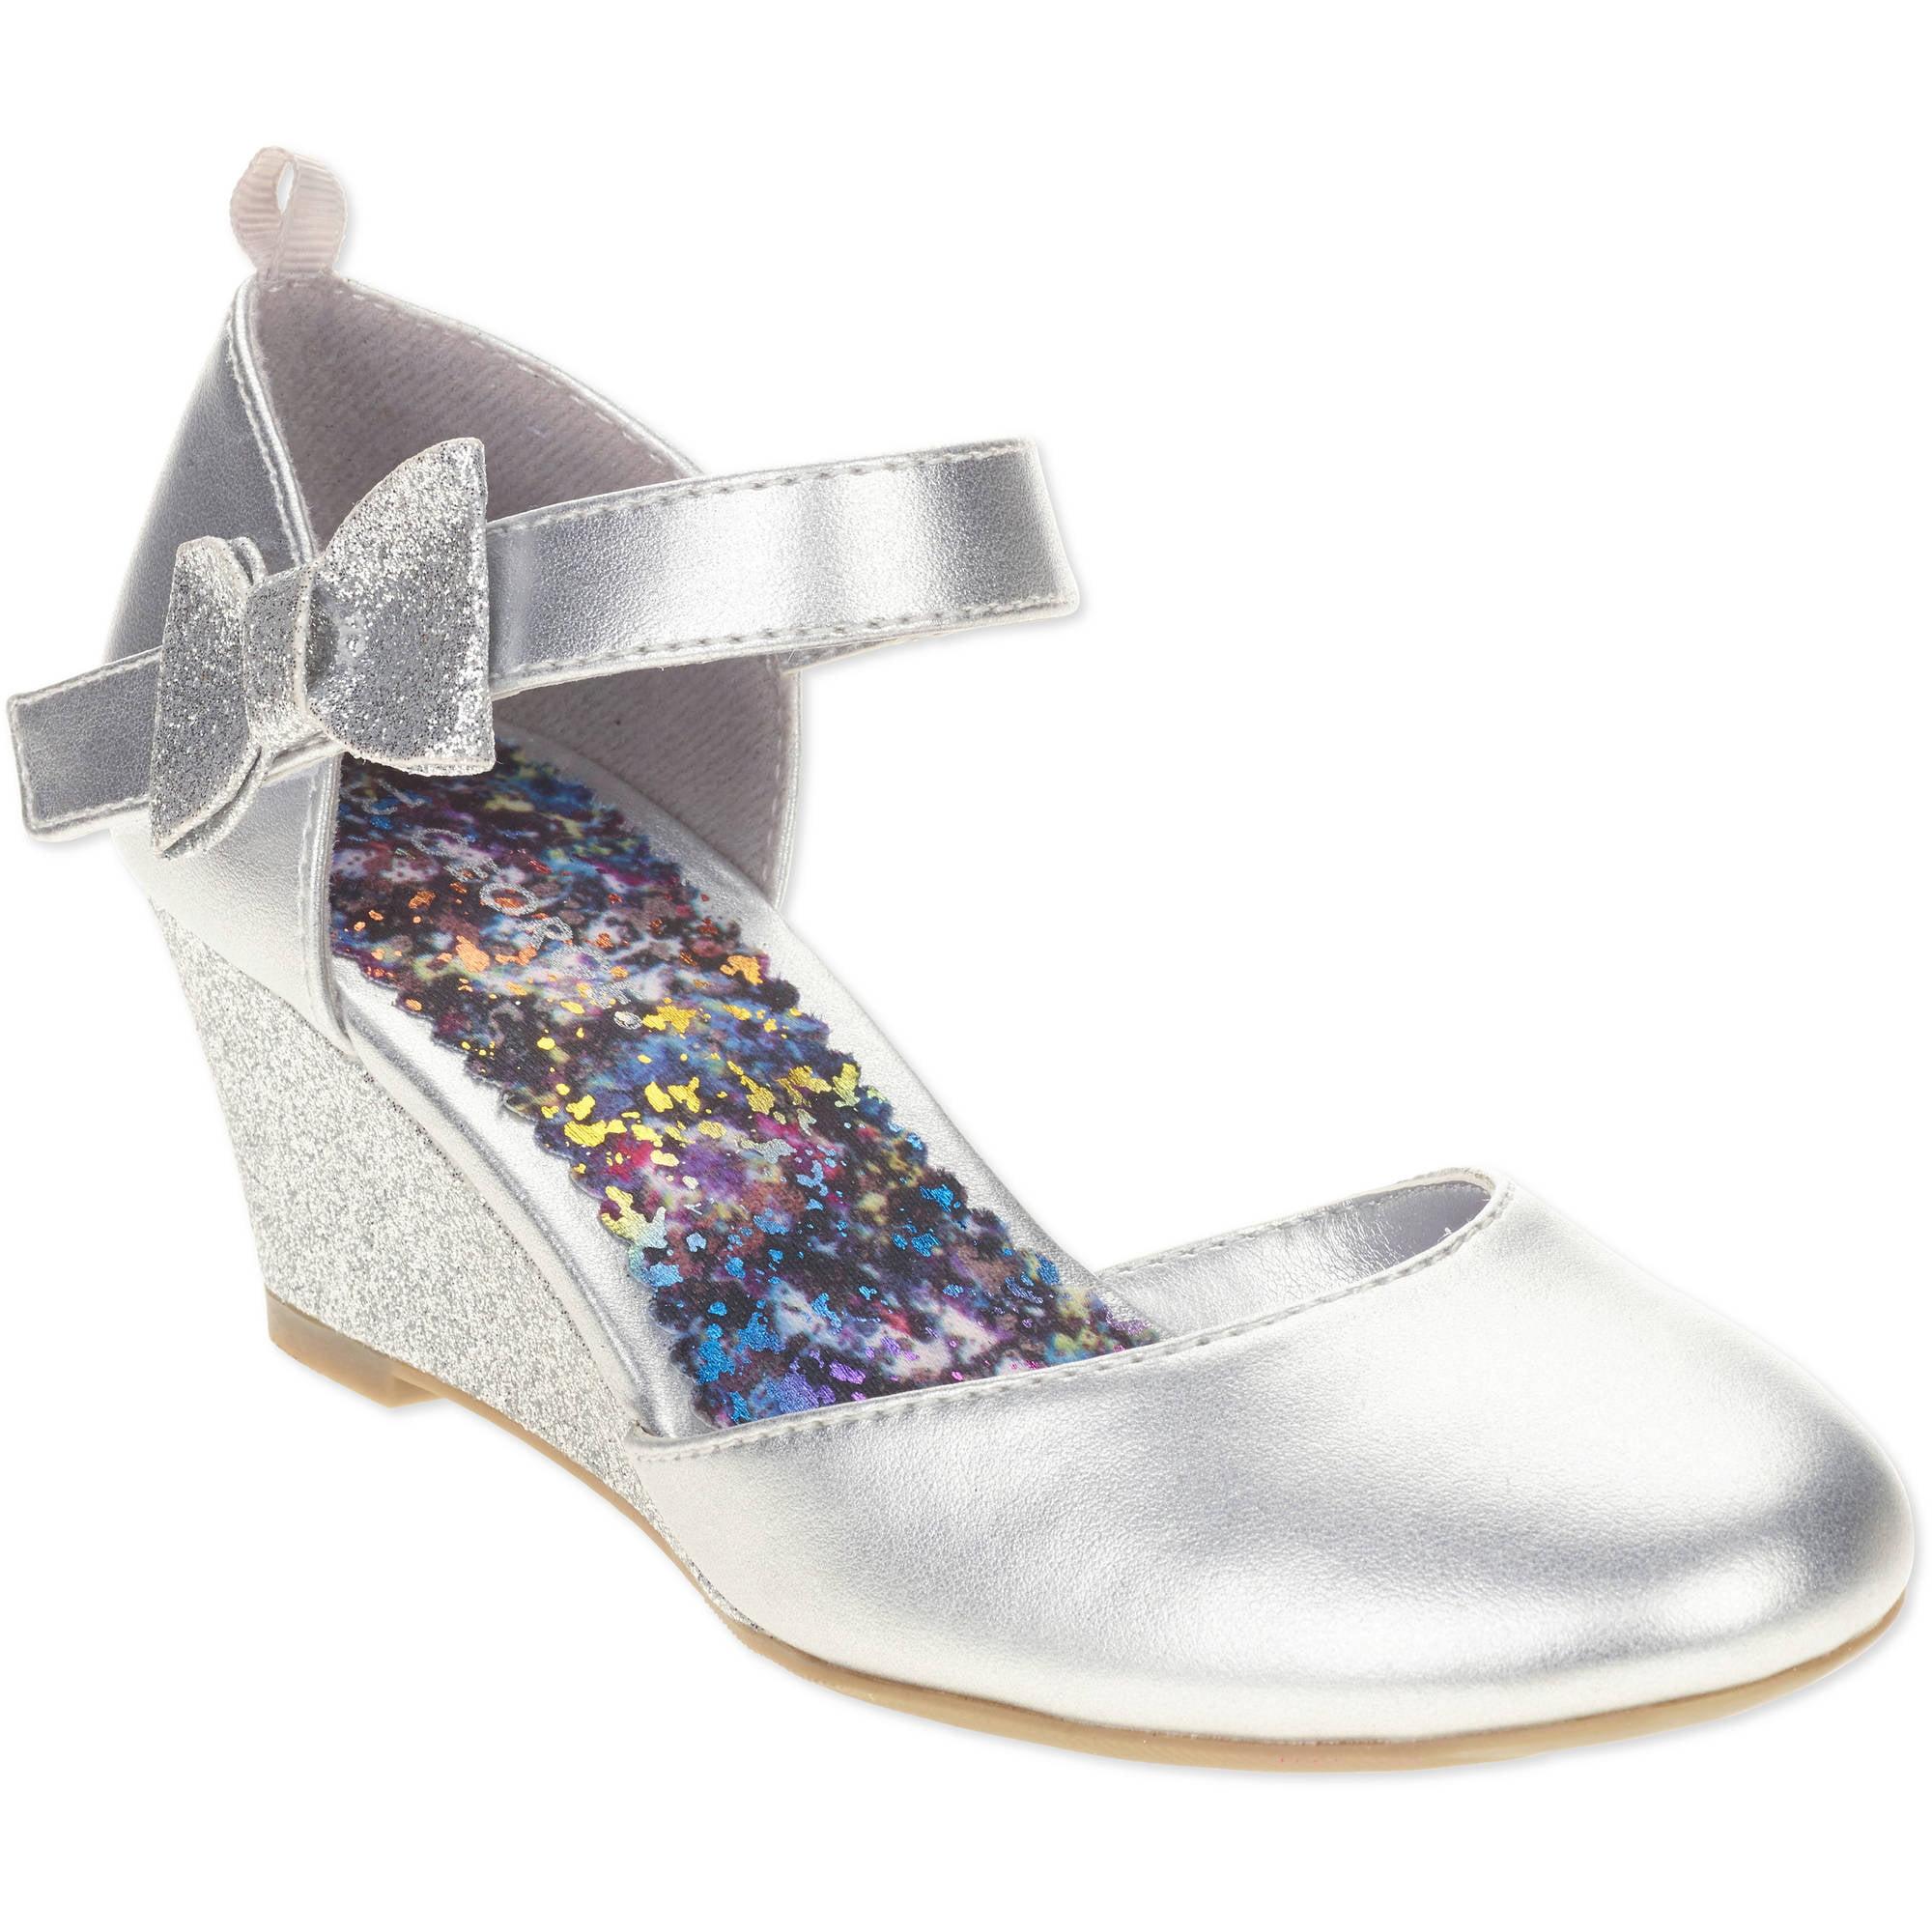 George Girls' Wedge Dress Shoe